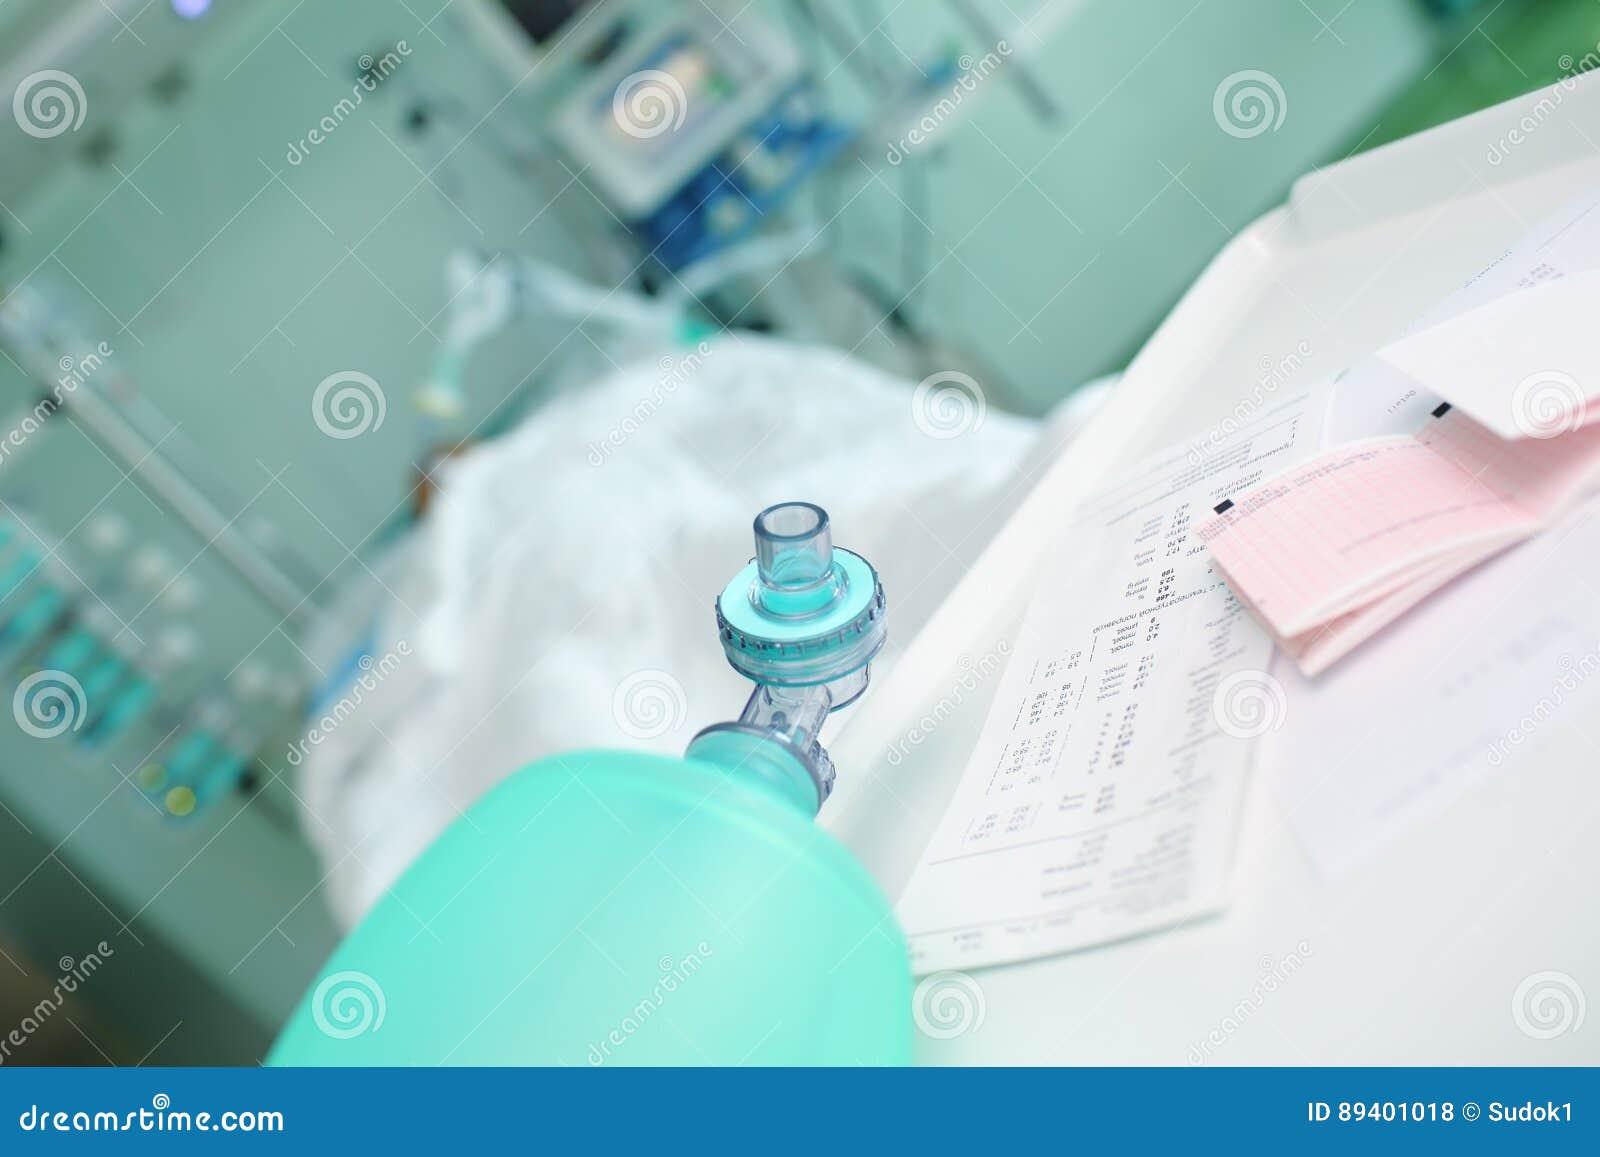 Manutenção das funções vitais do paciente criticamente doente